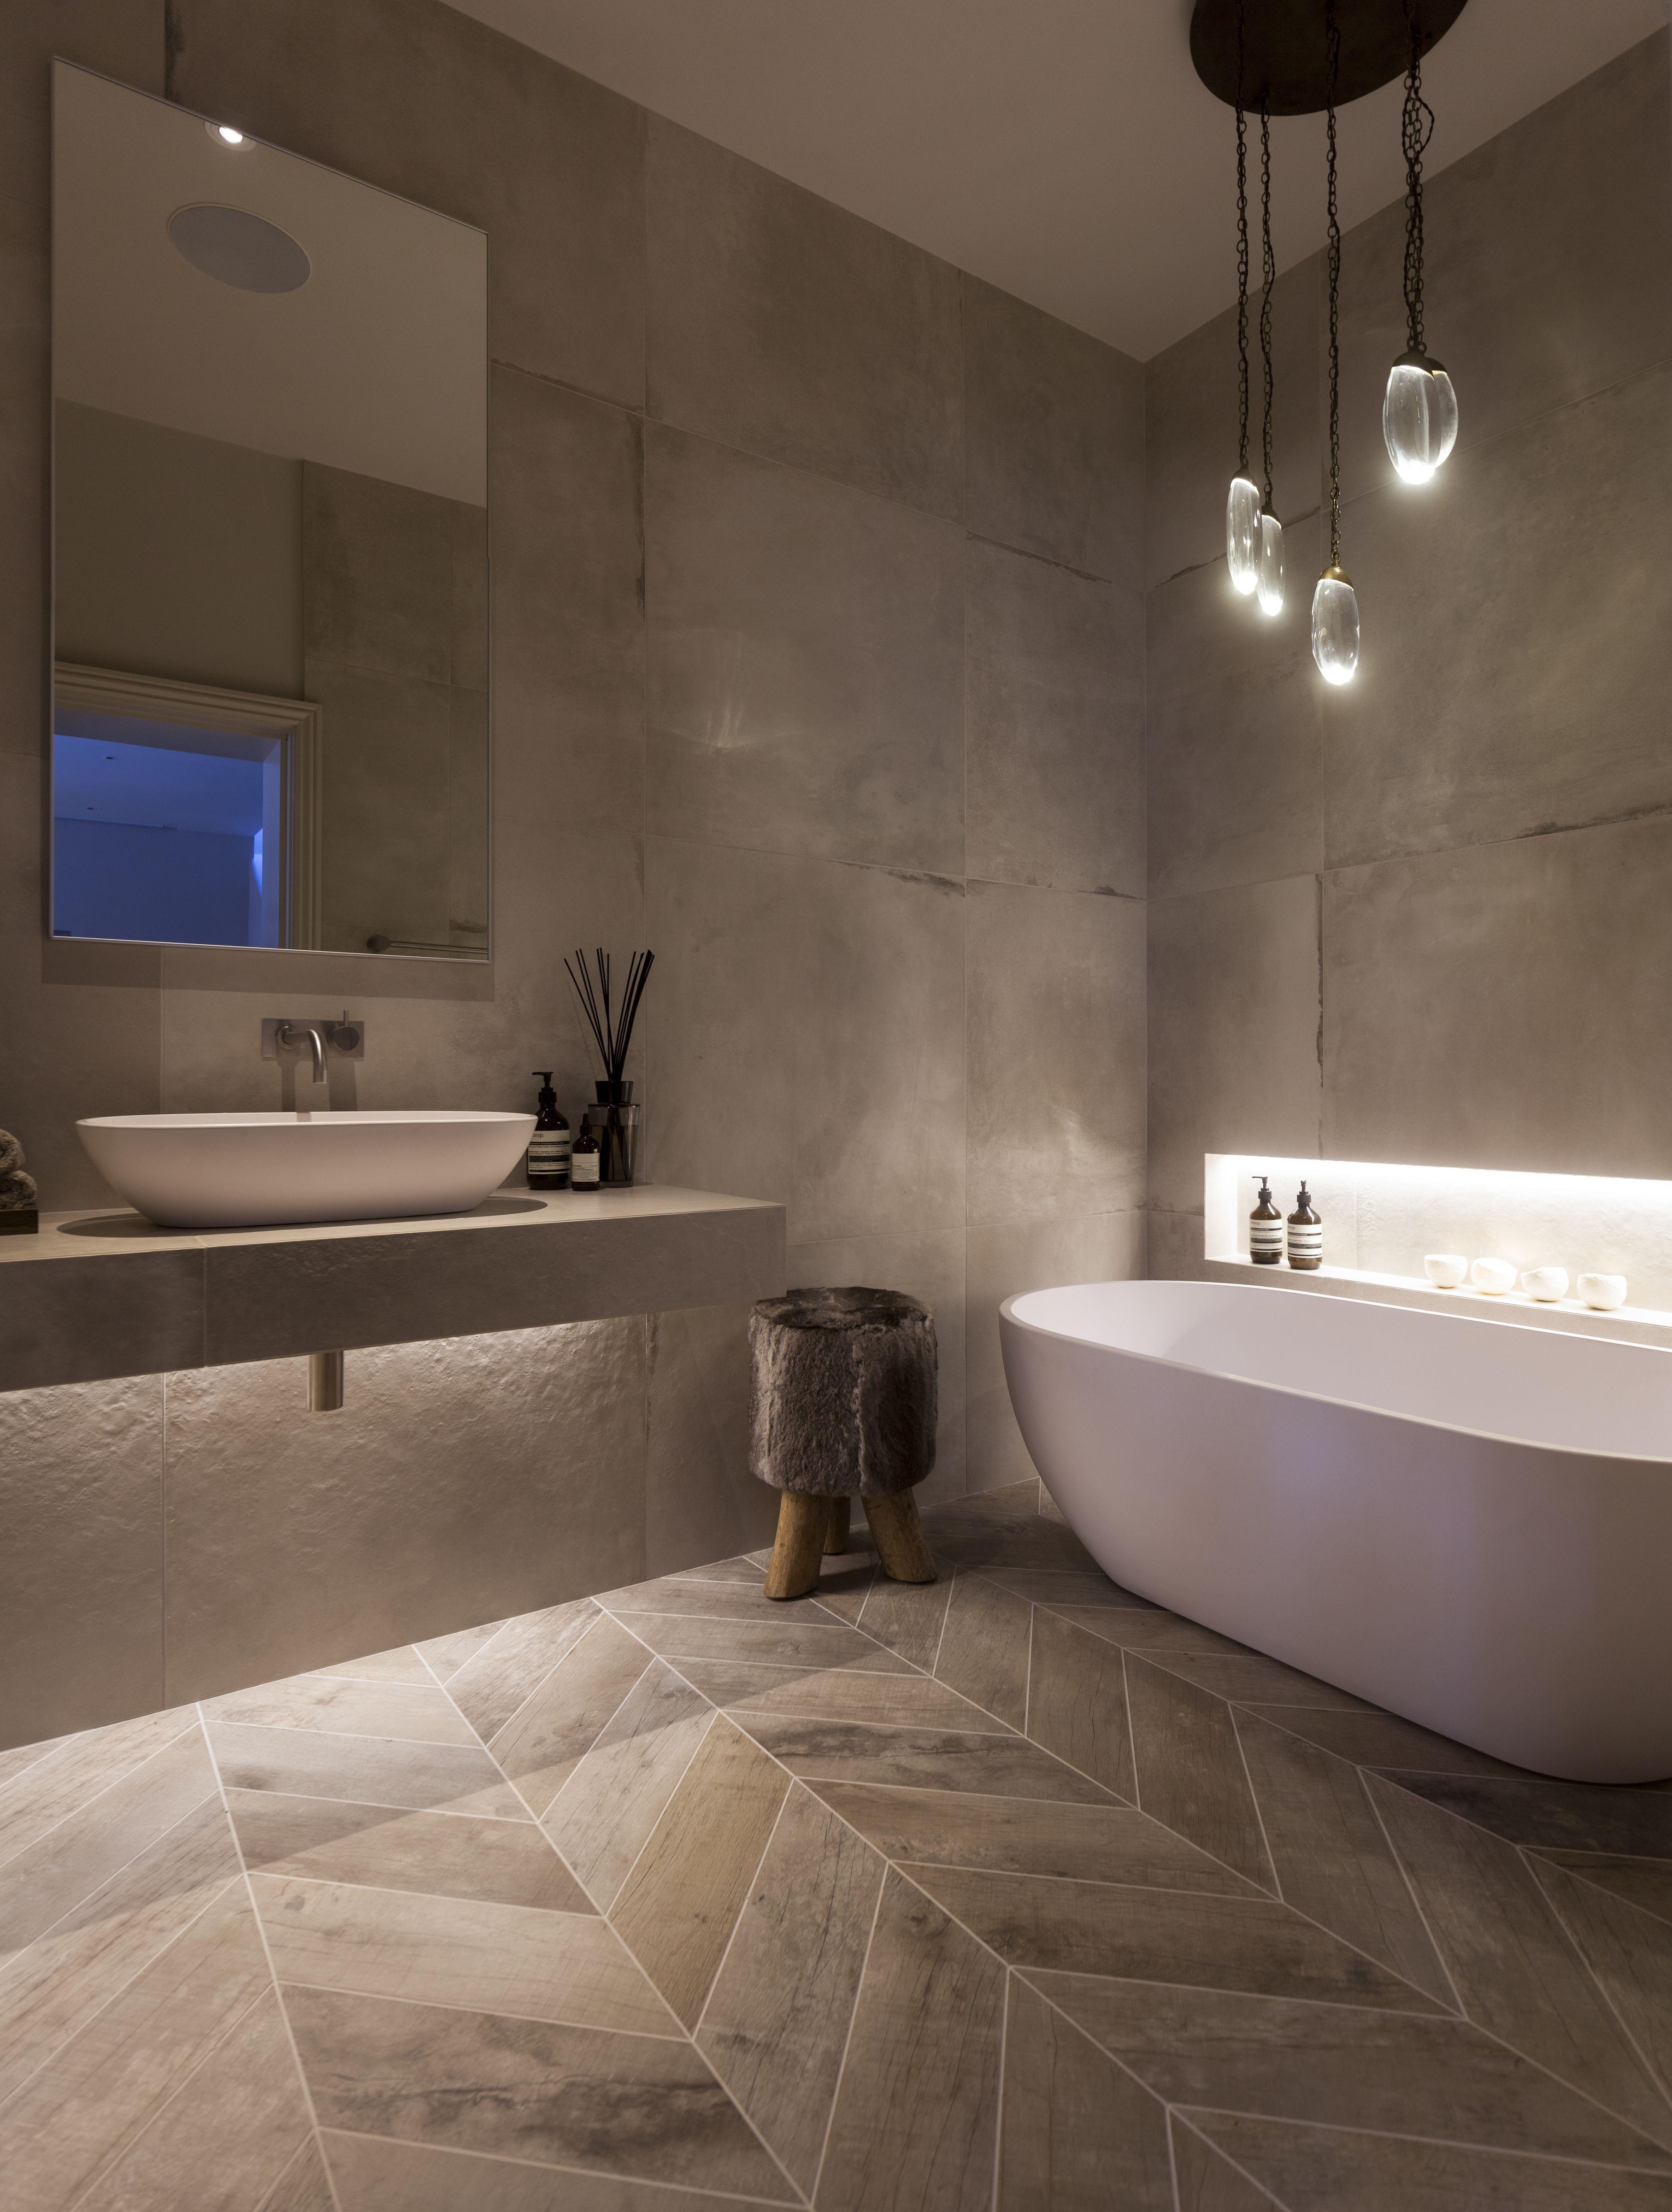 Award Winning Bathroom Light Designs Spa Bathroom Design Bathroom Interior Design Elegant Bathroom